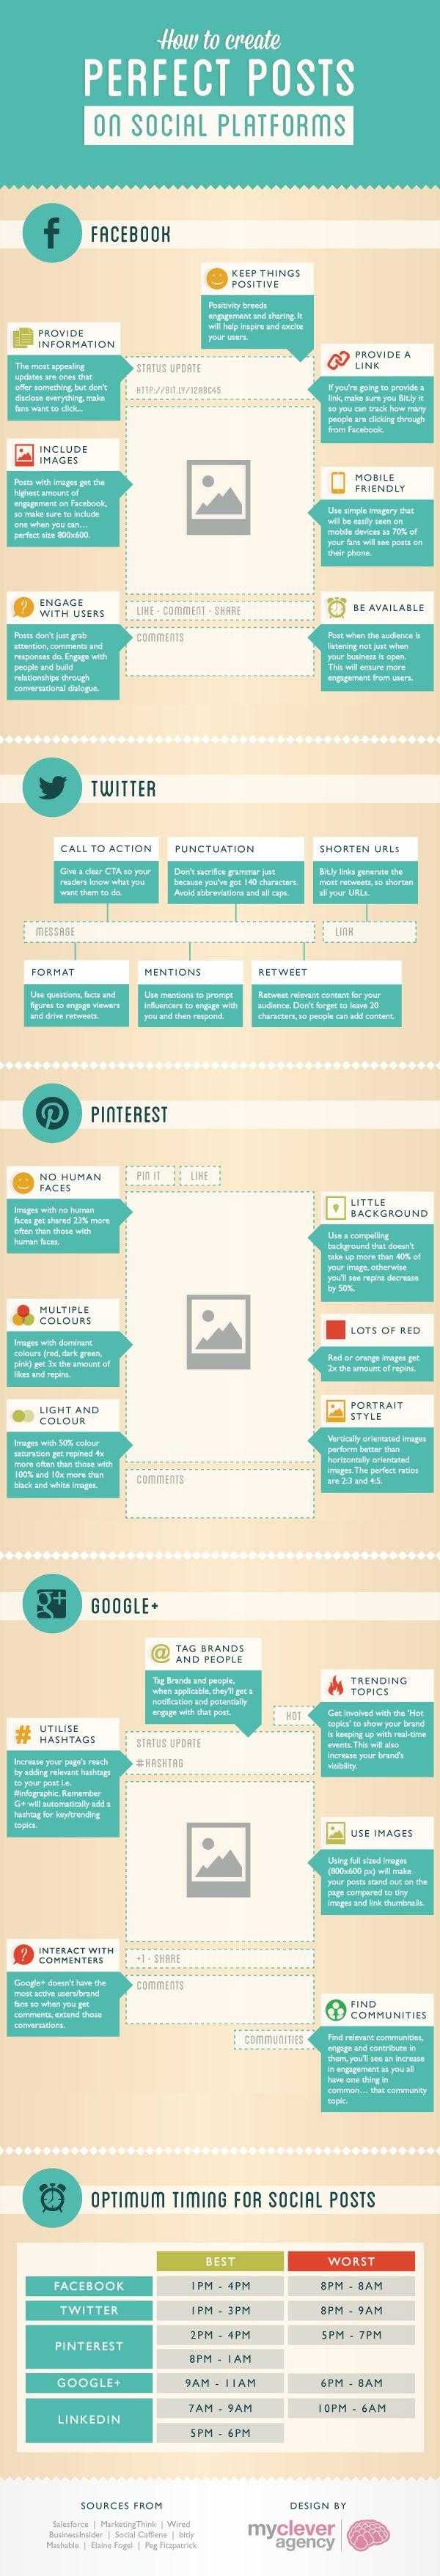 Infographie Comment créer des post parfaits sur facebook, twitter, pinterest, google+